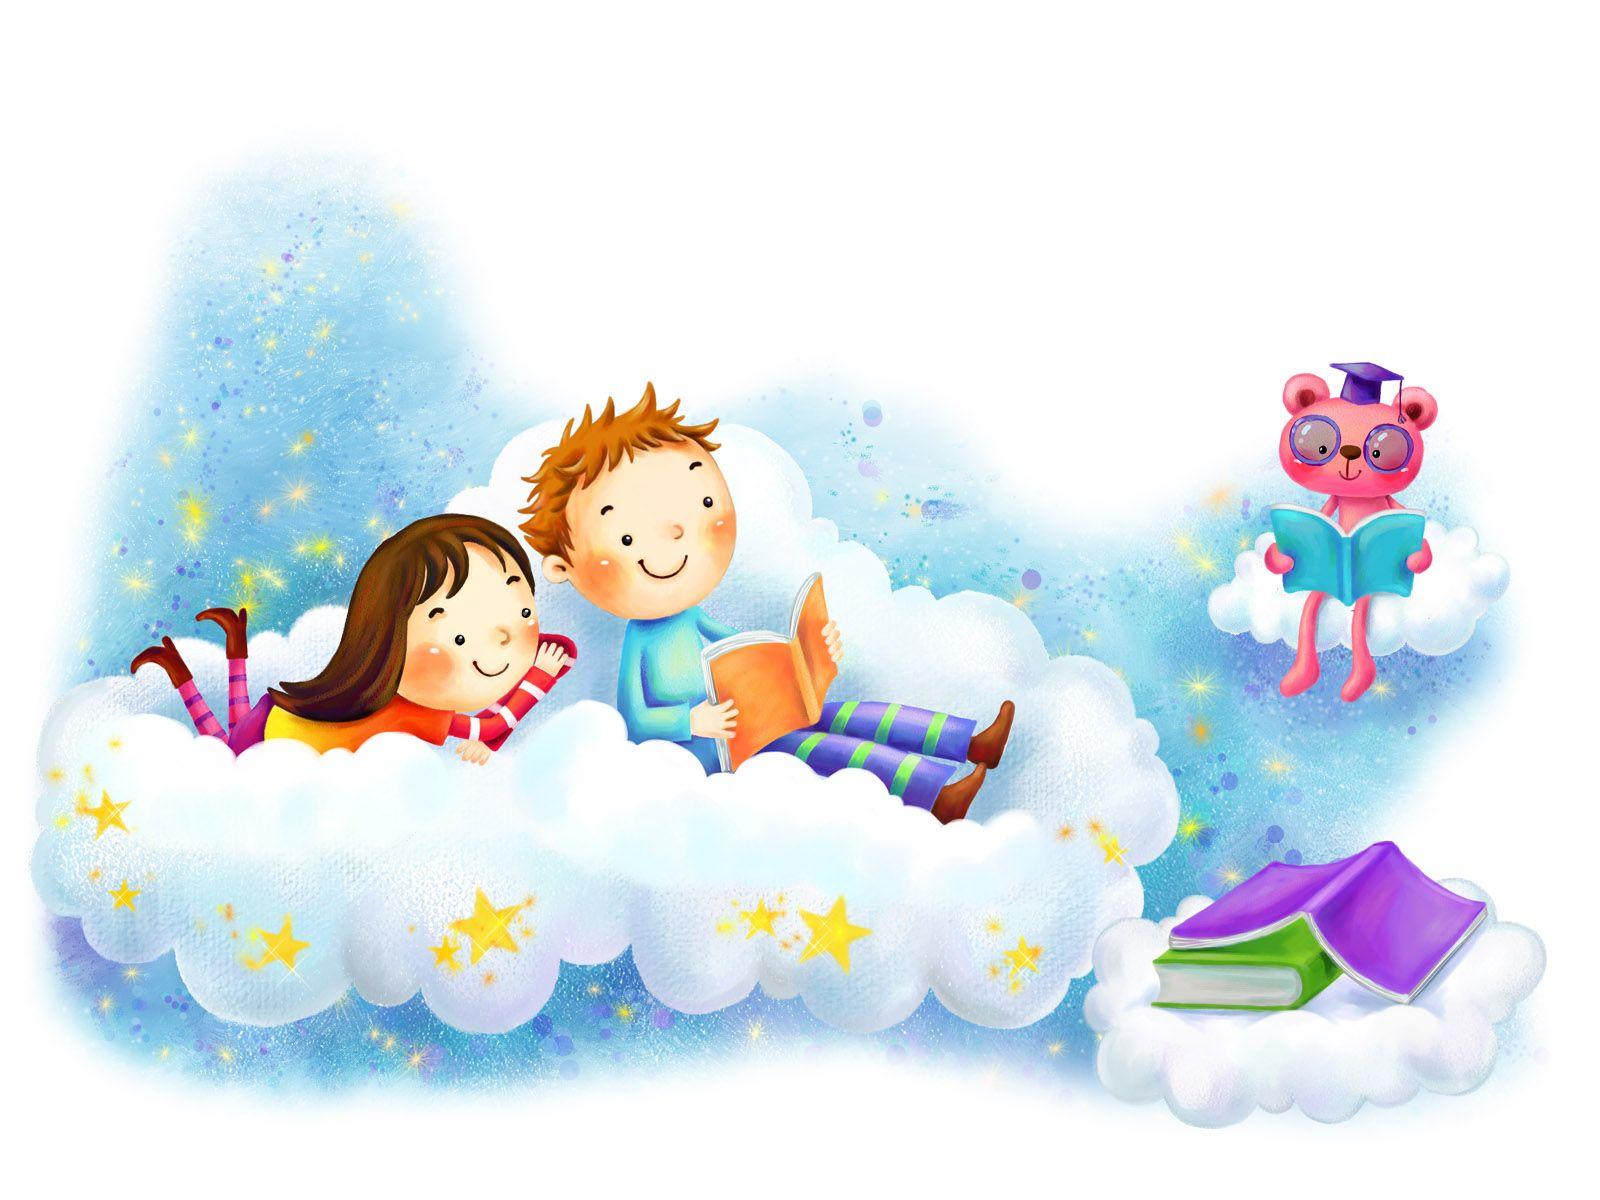 lecture | Niños leyendo animados, Proyectos de arte para niños, Dibujos  niños leyendo